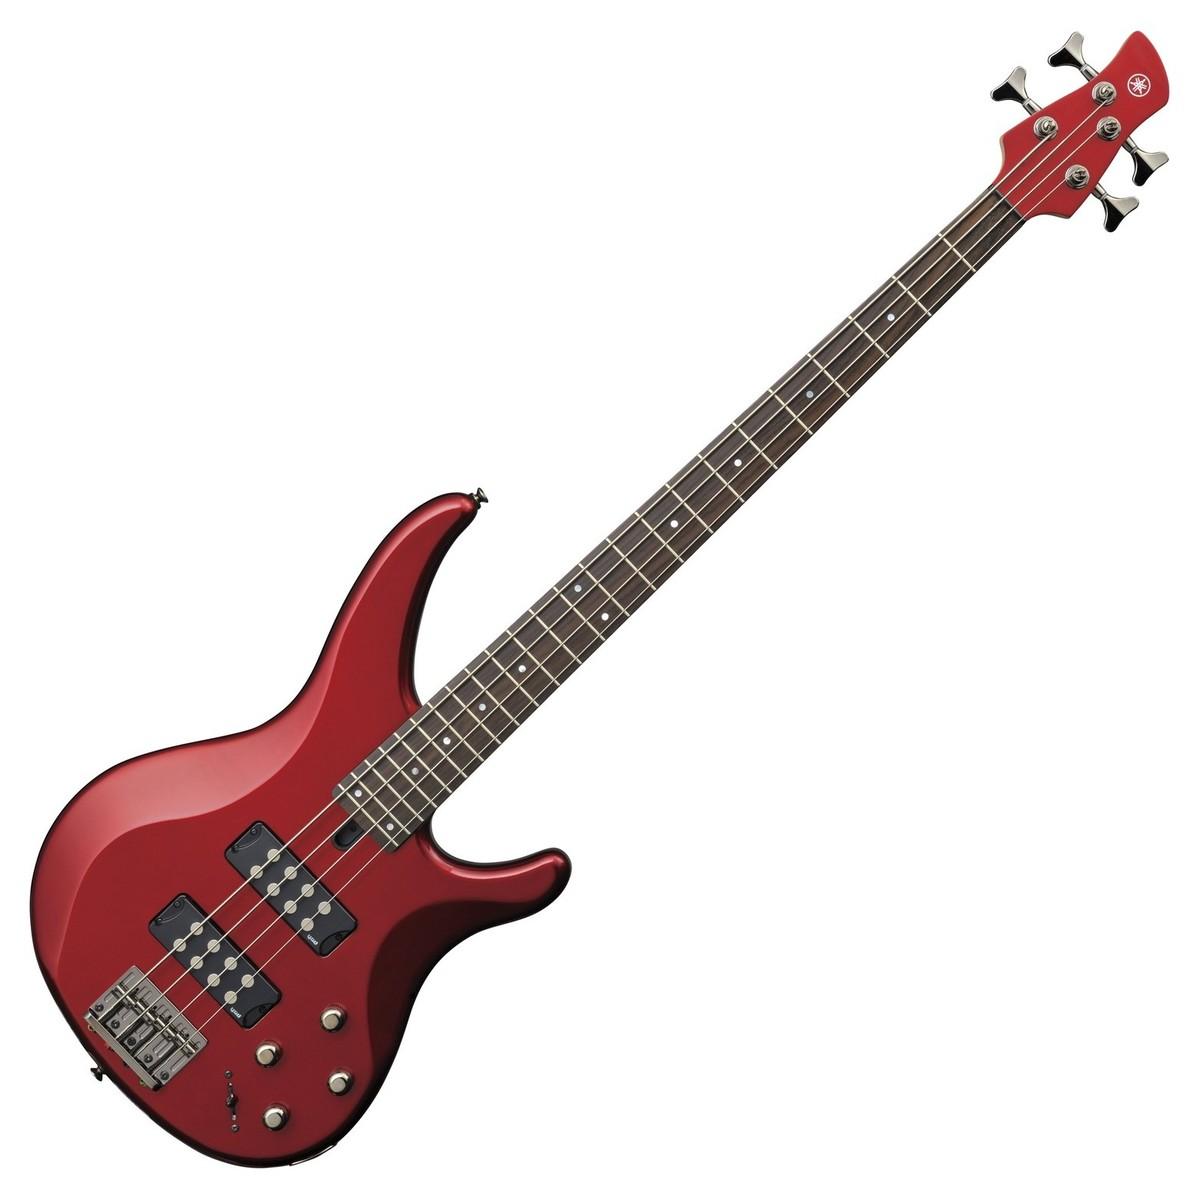 yamaha trbx304 bass candy apple red at gear4music